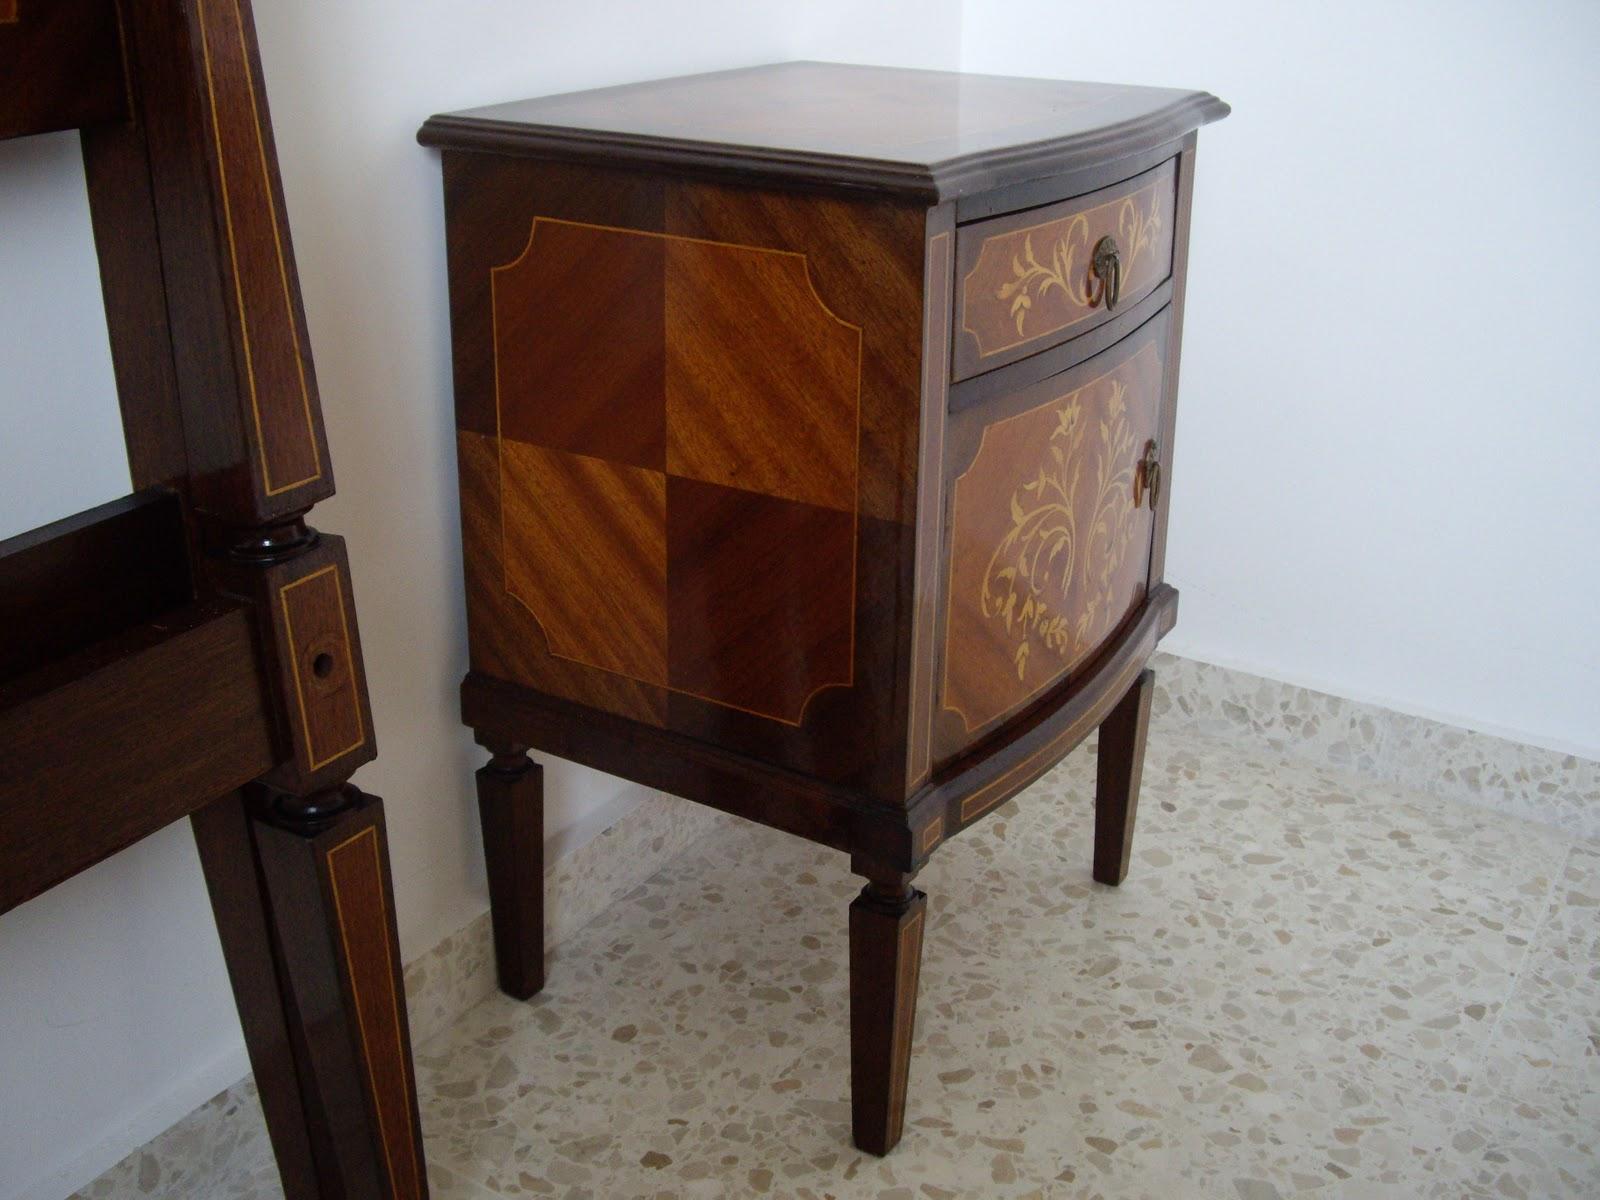 Antiguedades dormitorio de caoba y limoncillo - Muebles antiguos sevilla ...